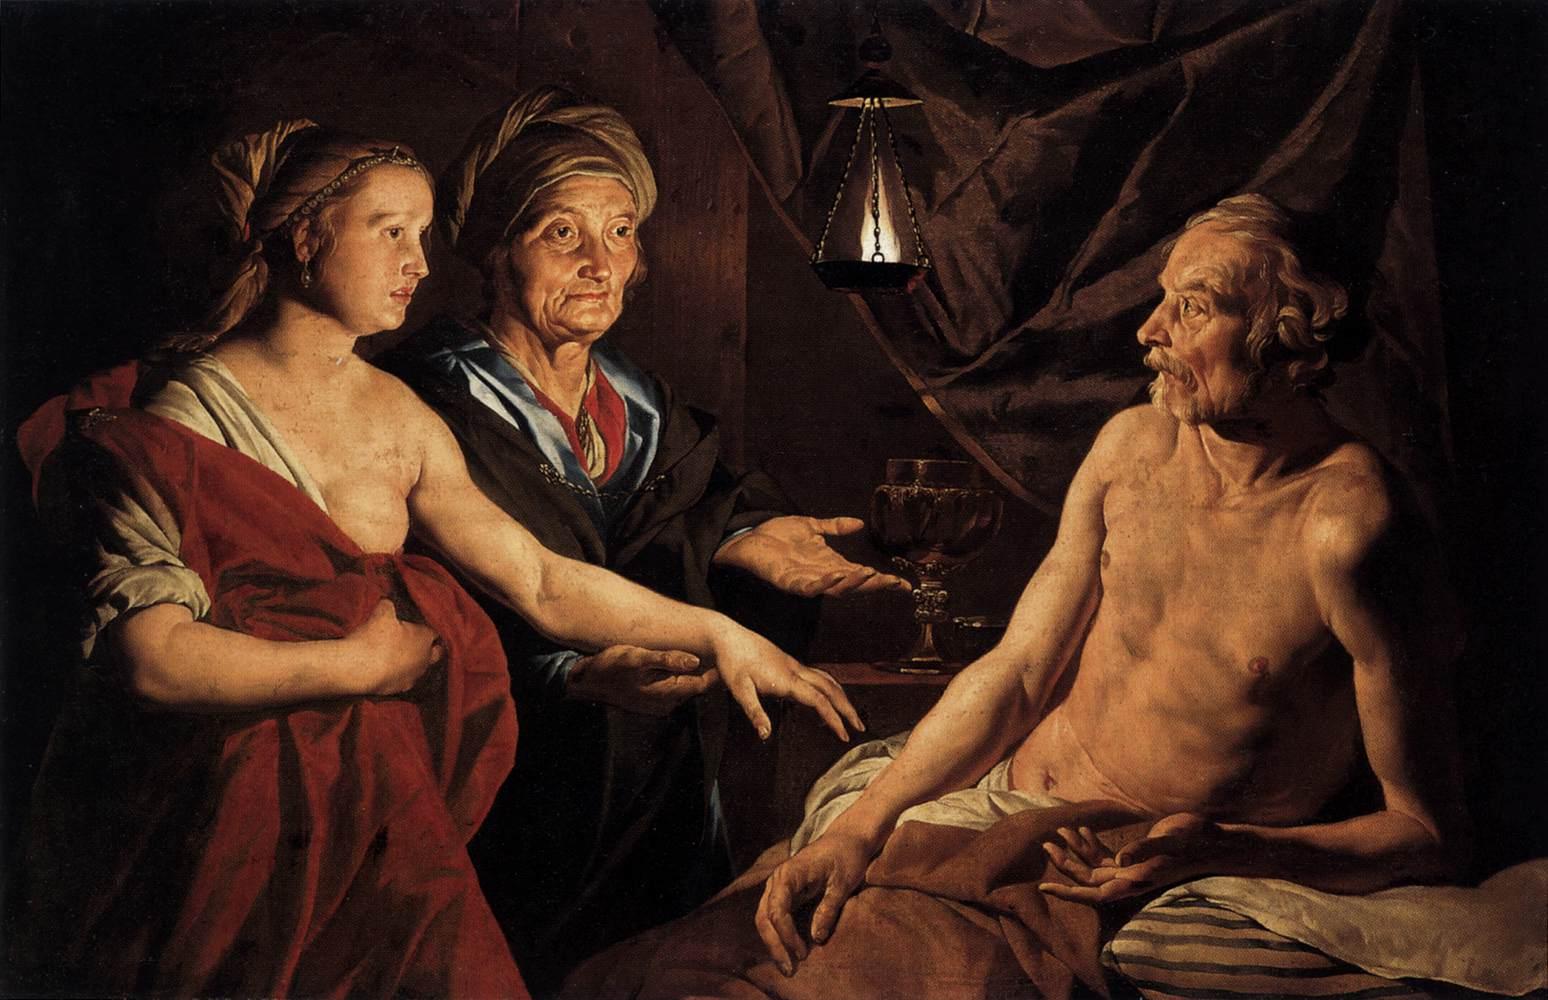 Sarah, abraham and hagar, prayer for fertility